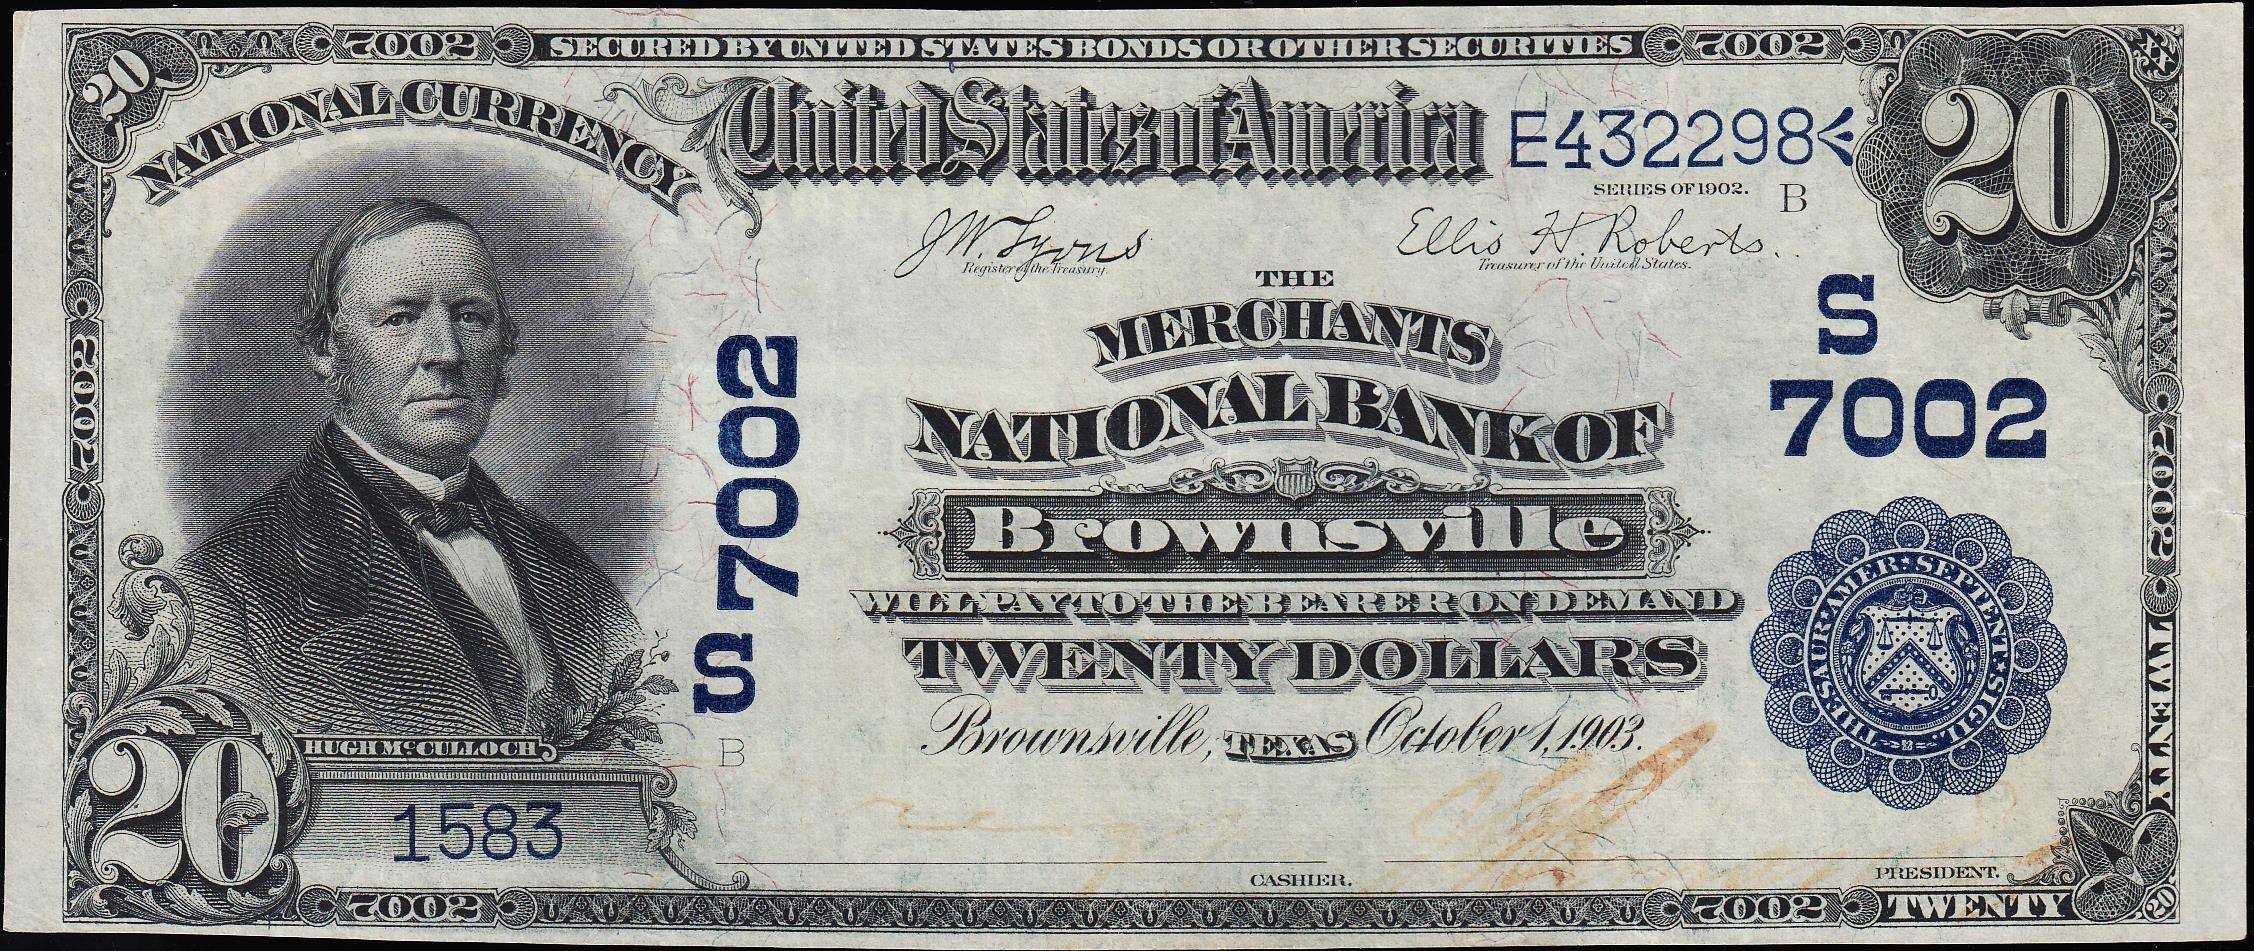 BankNote2237(1).jpg